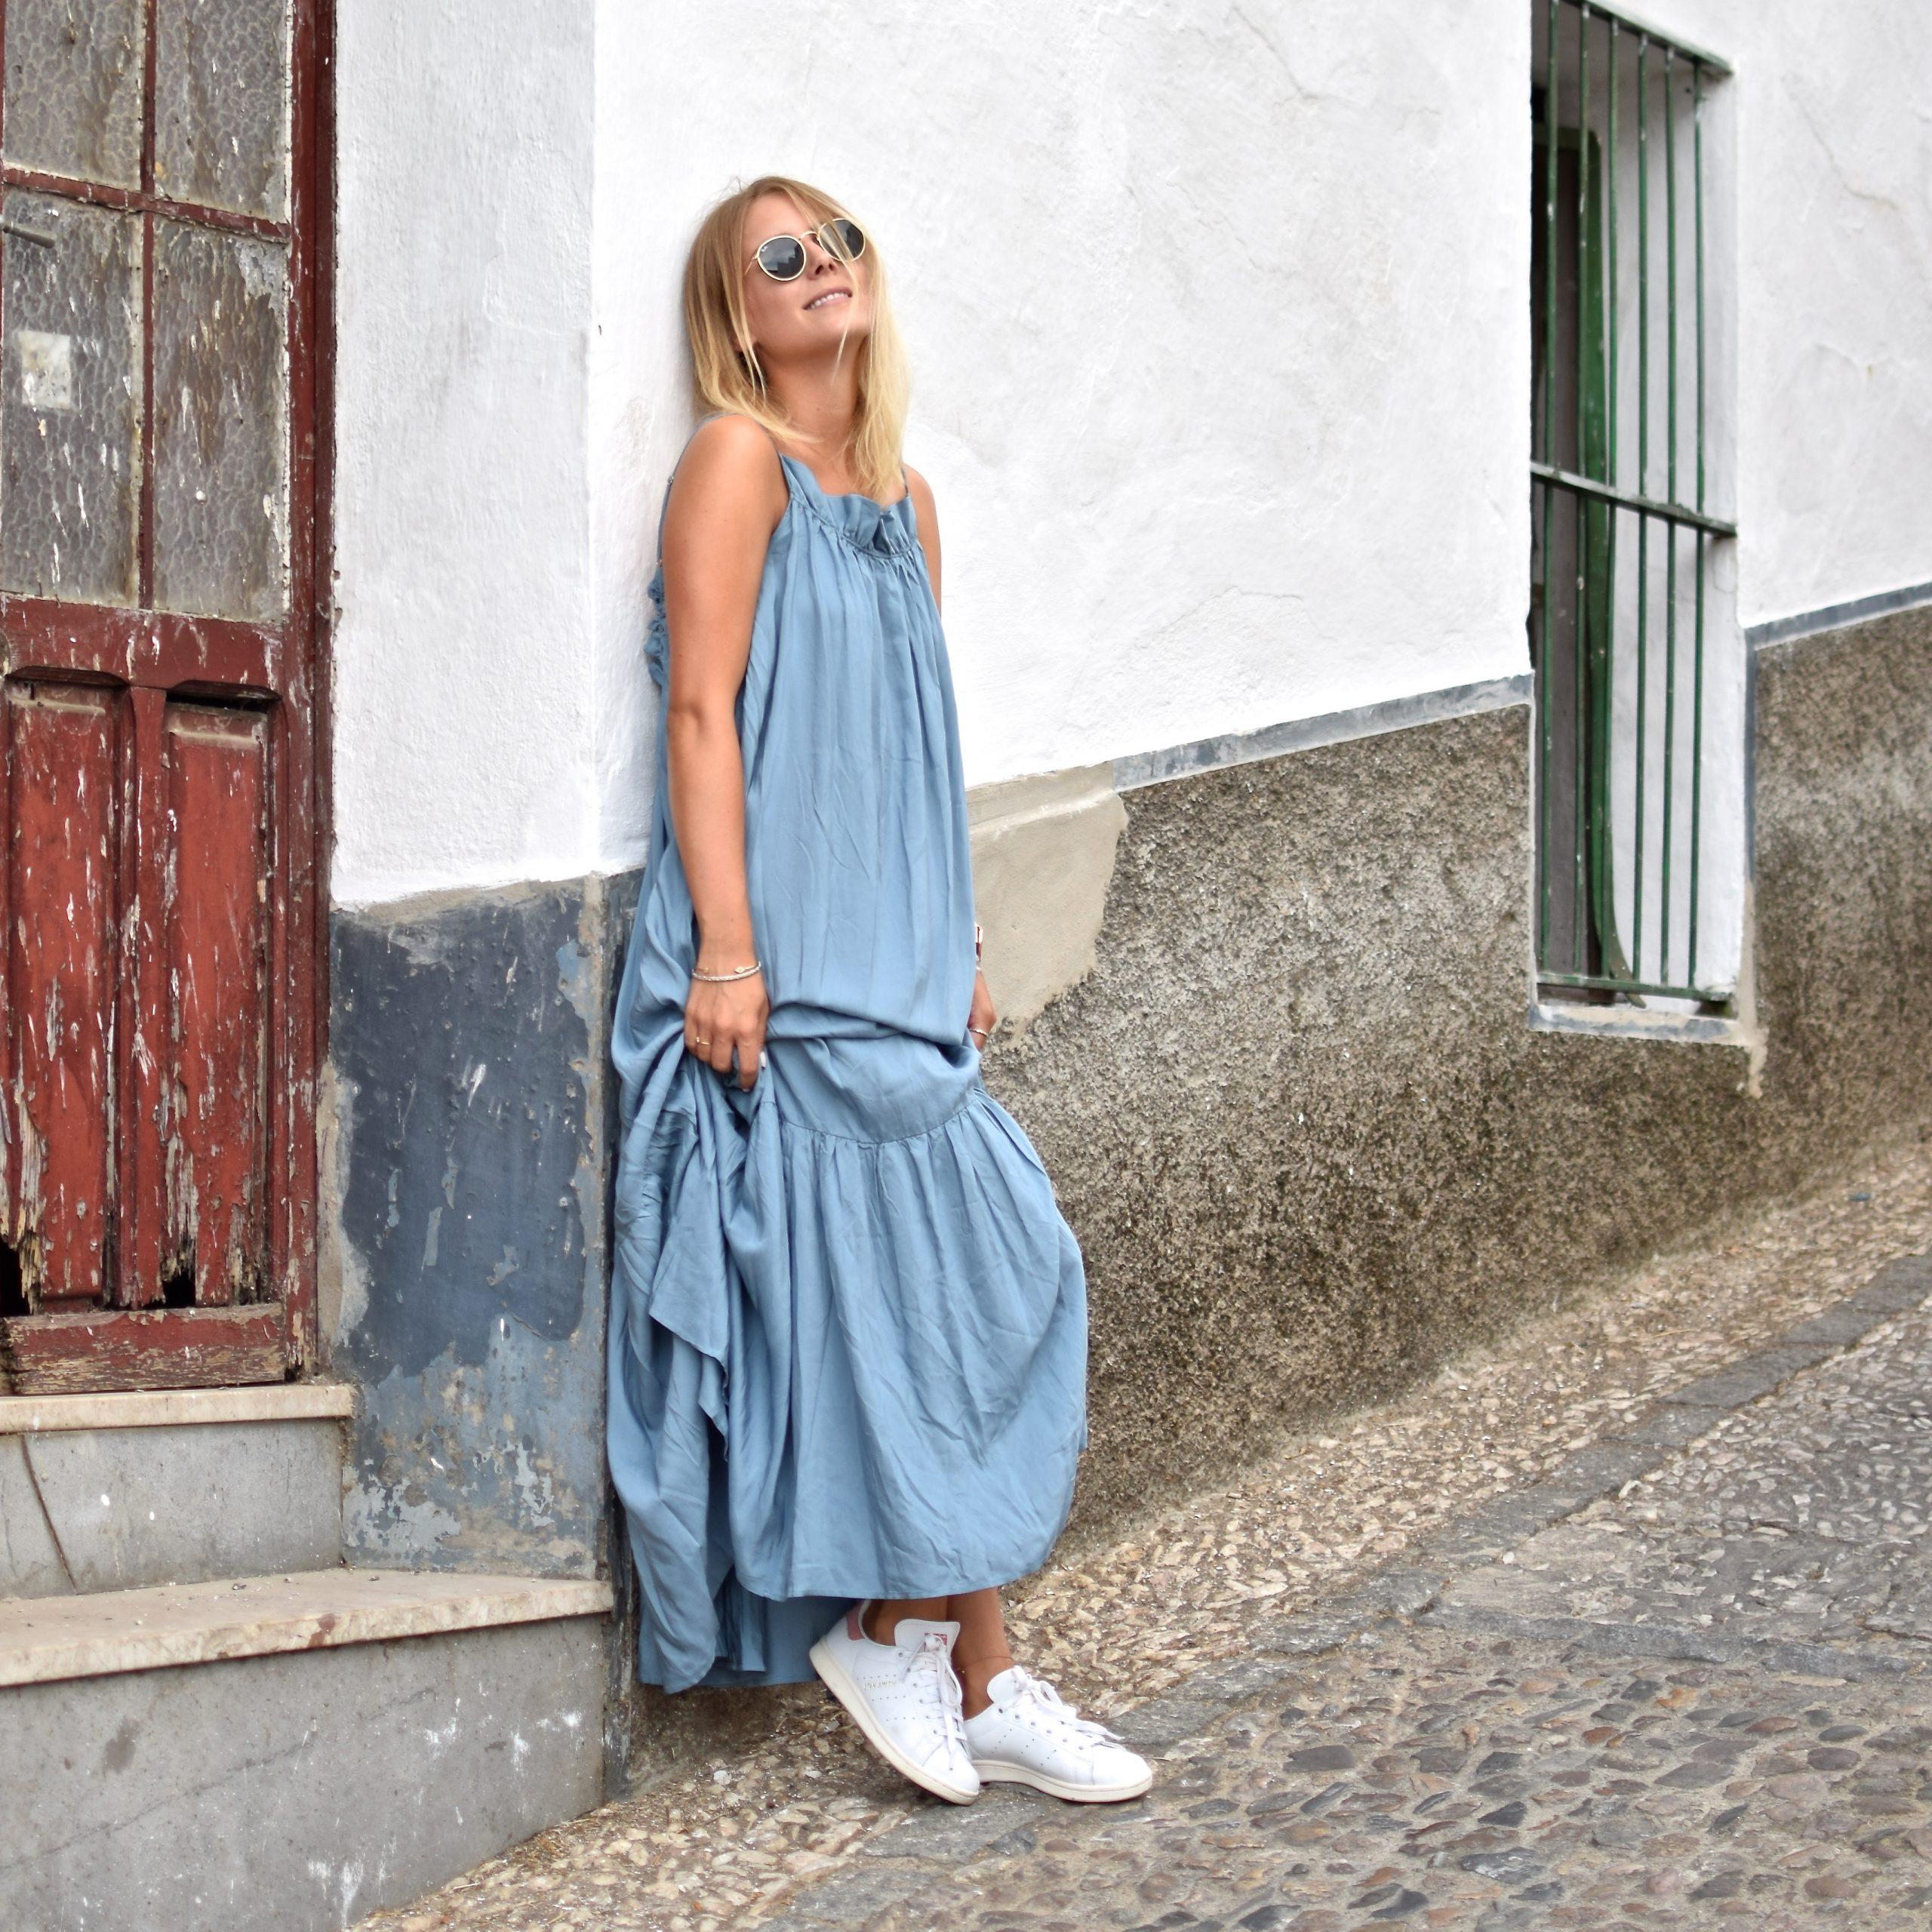 Designer Leicht Abendkleid Und Sneaker für 2019Abend Top Abendkleid Und Sneaker Ärmel